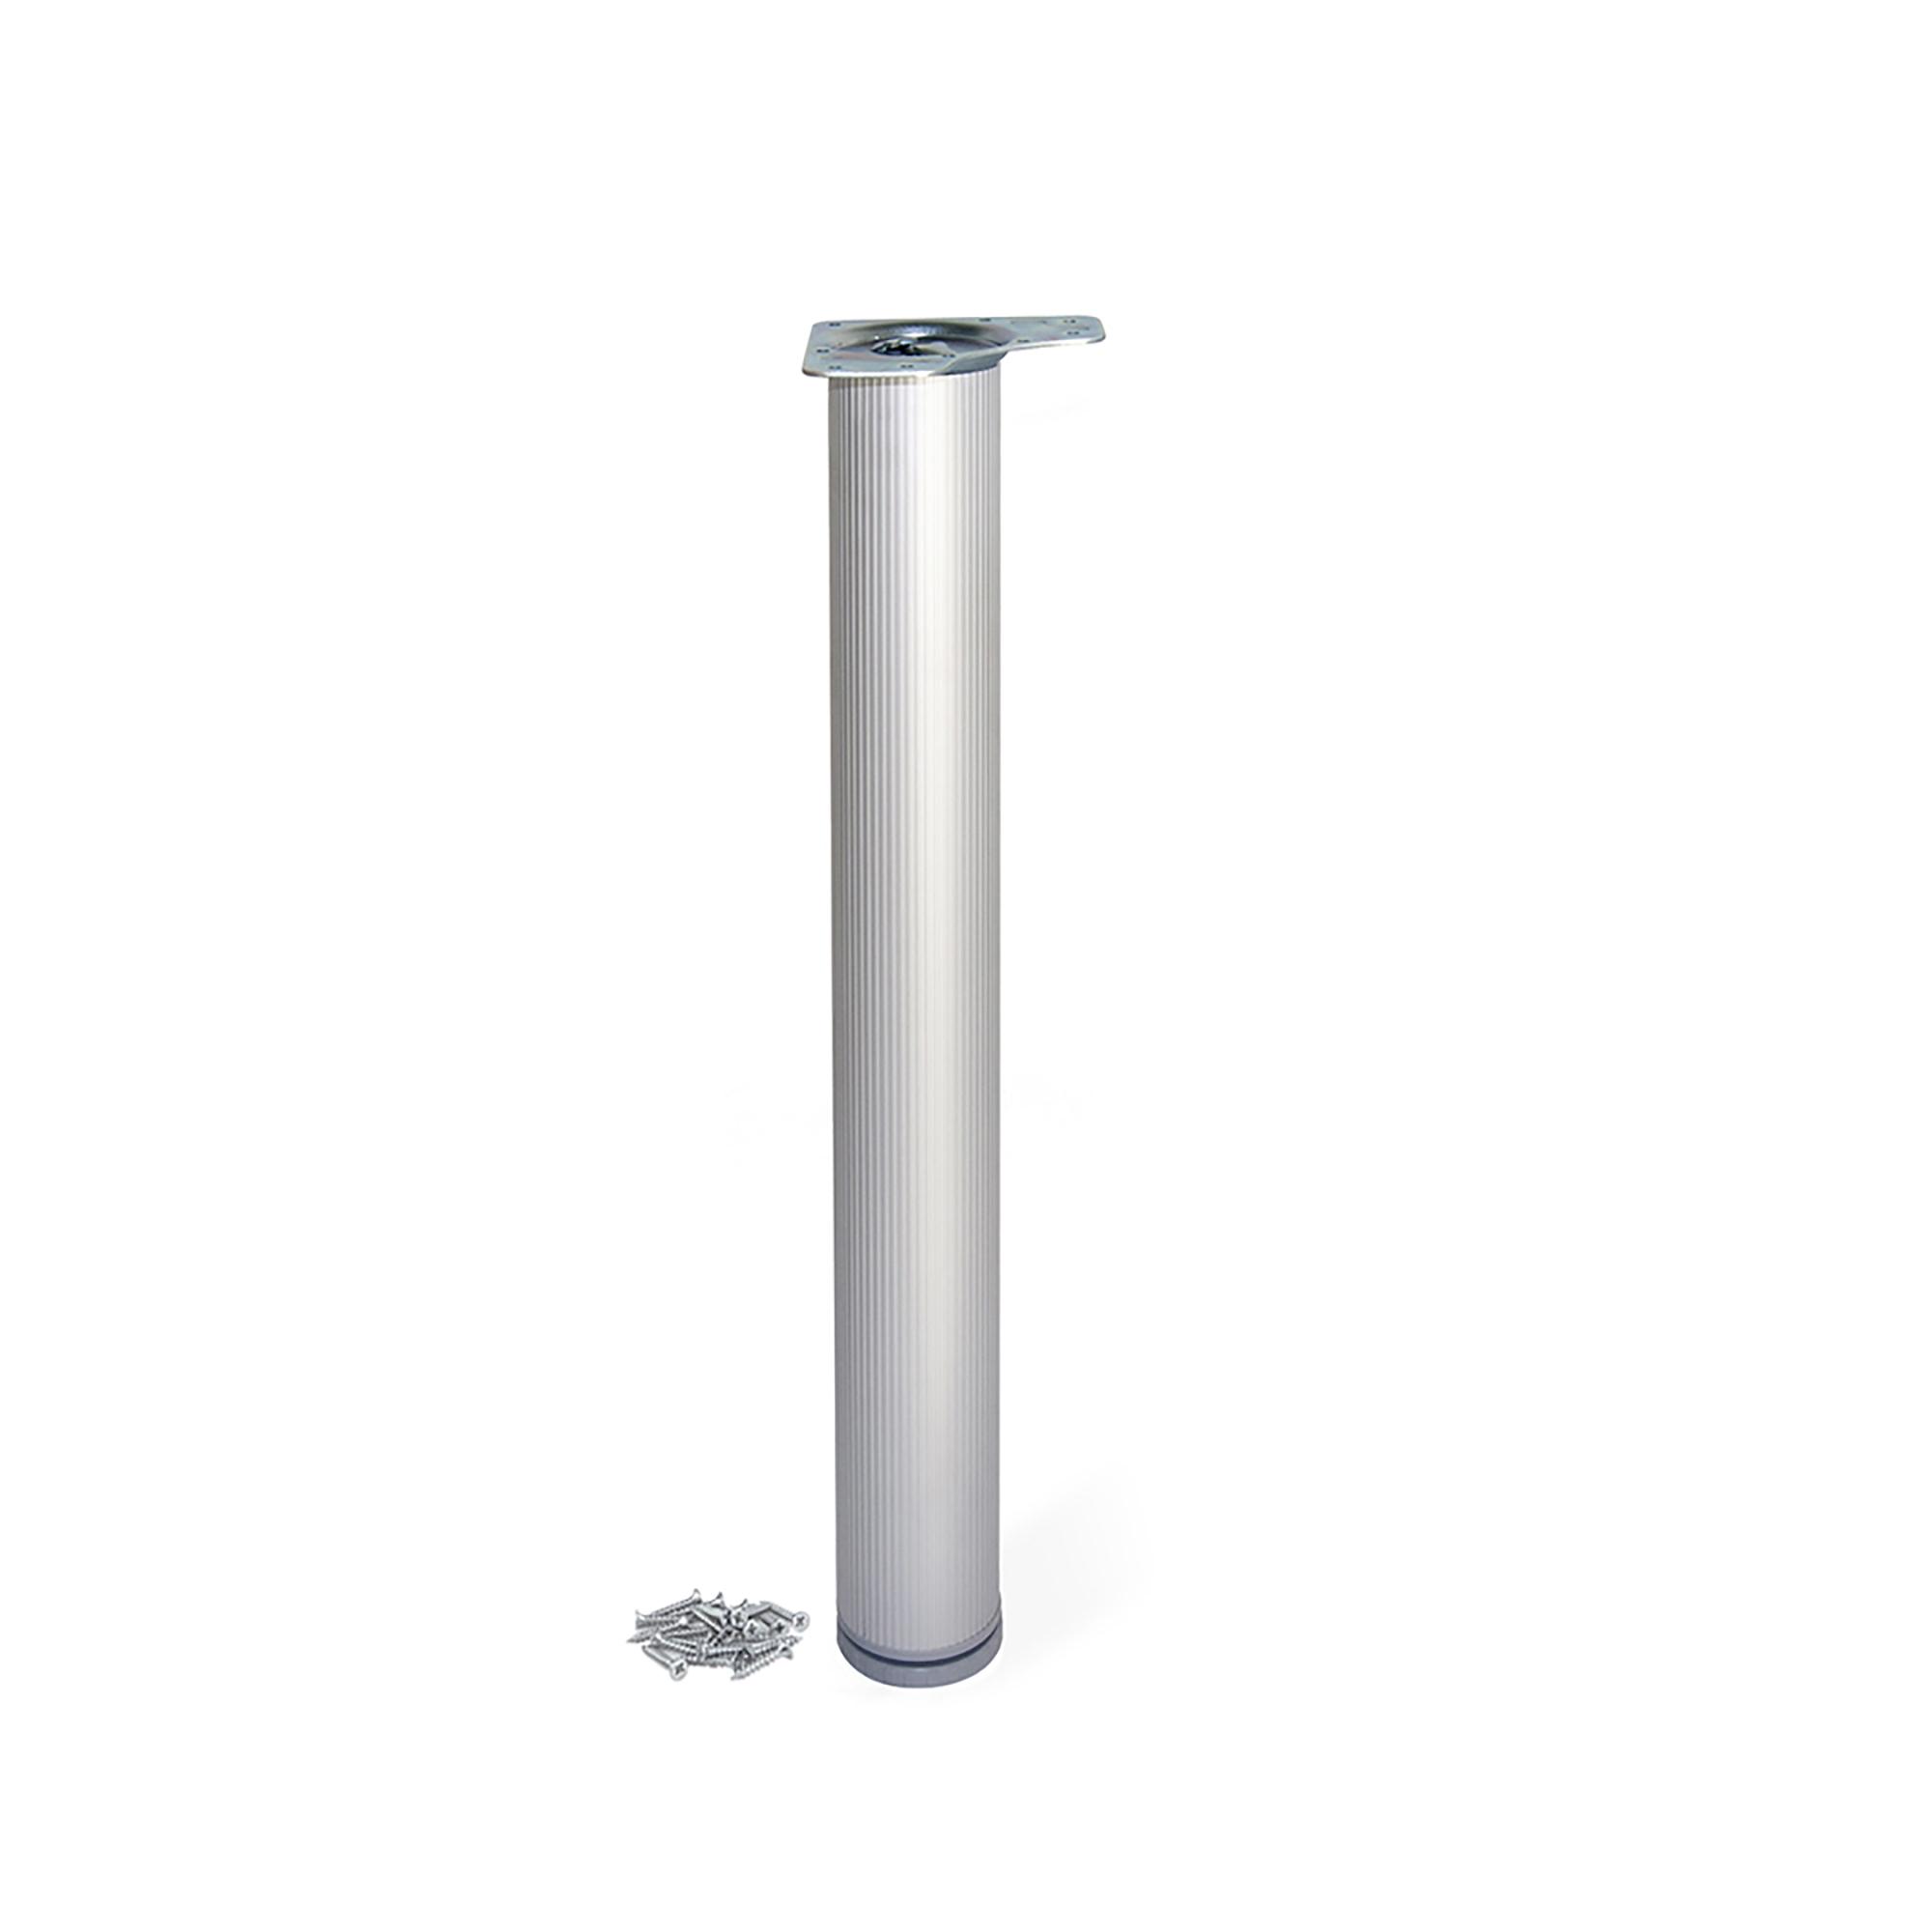 Emuca Gamba per tavolo, D. 80 mm, regolabile 830-850 mm, Alluminio, Anodizzato opaco